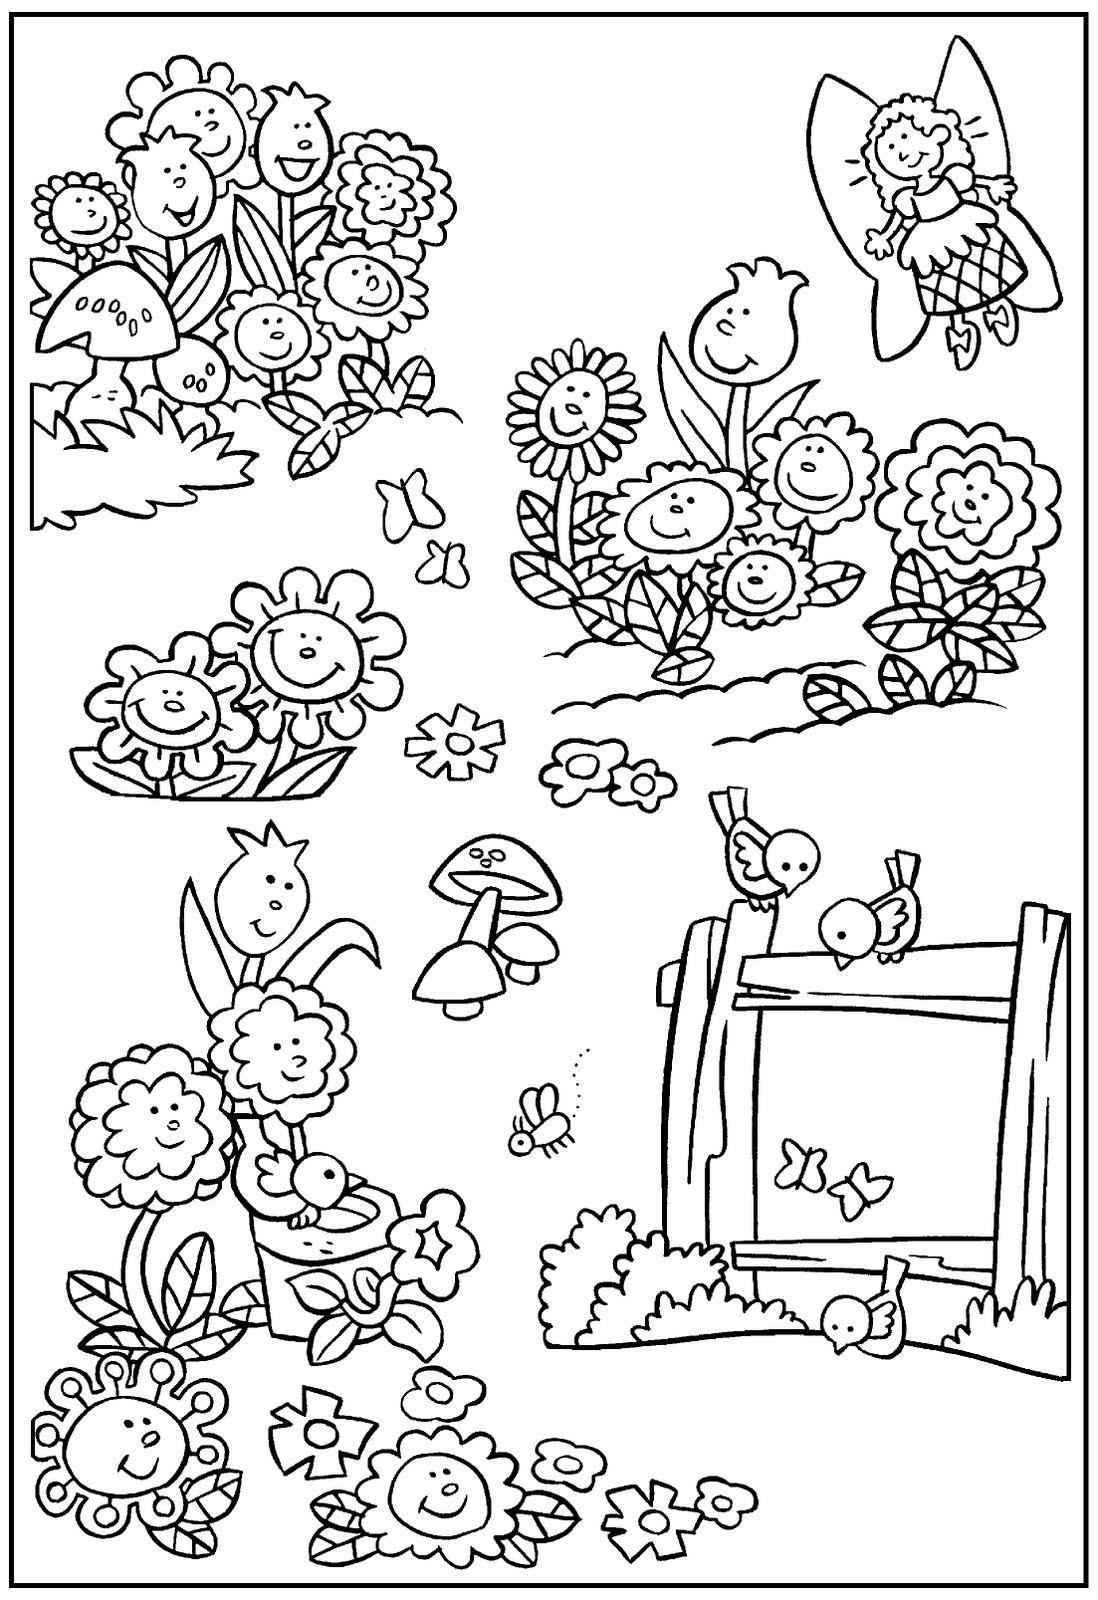 Tranh tô màu khu vườn mùa xuân